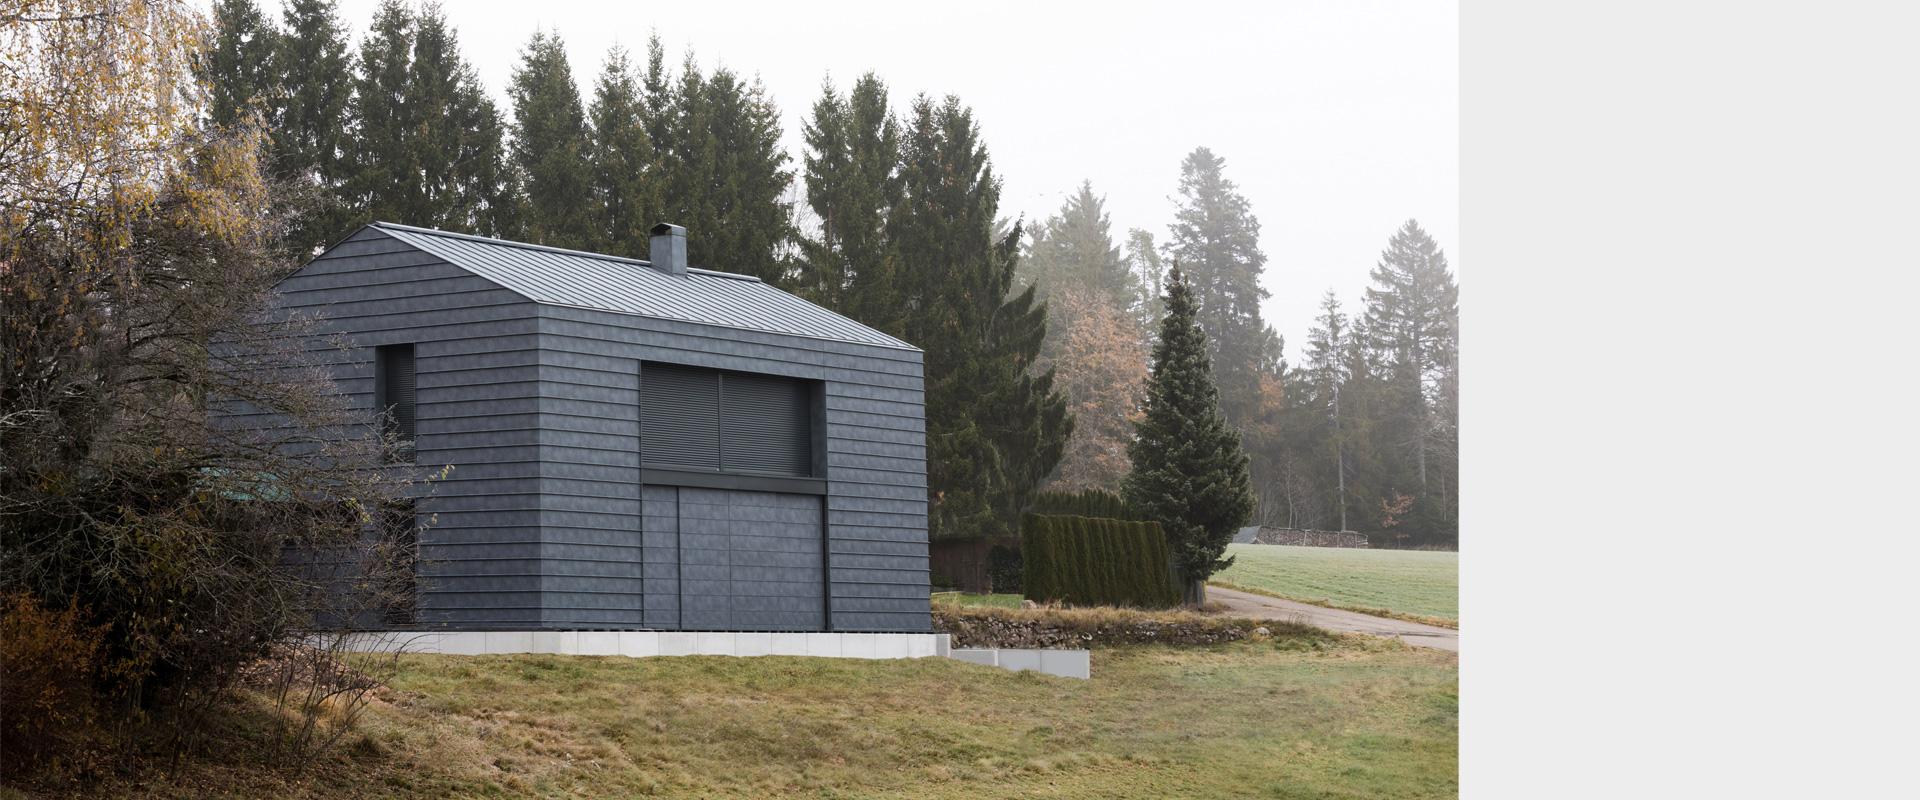 Architekturbüro musahl Waldshut Wohnhaus S. in Oberweschnegg geschlossen